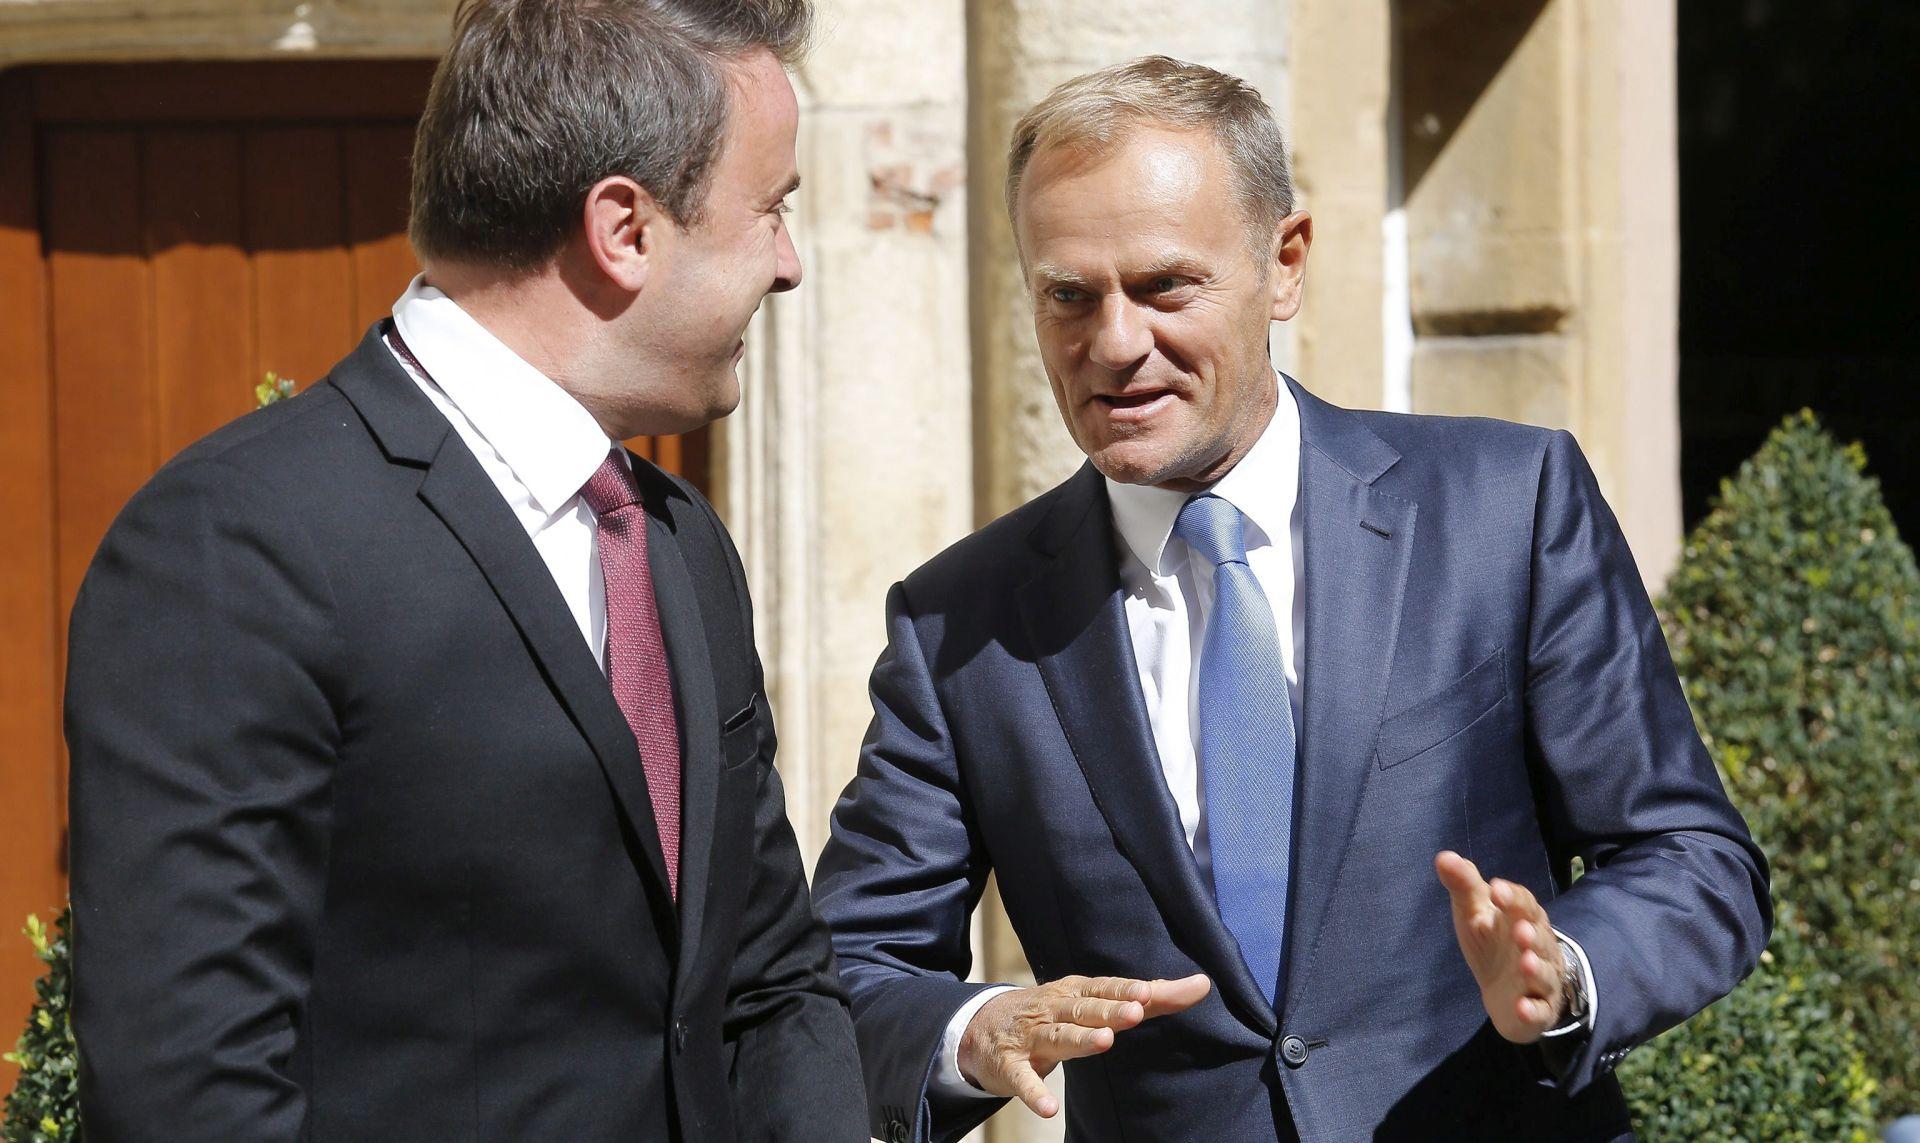 Čelnici Unije na summitu o budućnosti EU-a nakon Brexita, o migrantskoj krizi i terorizmu